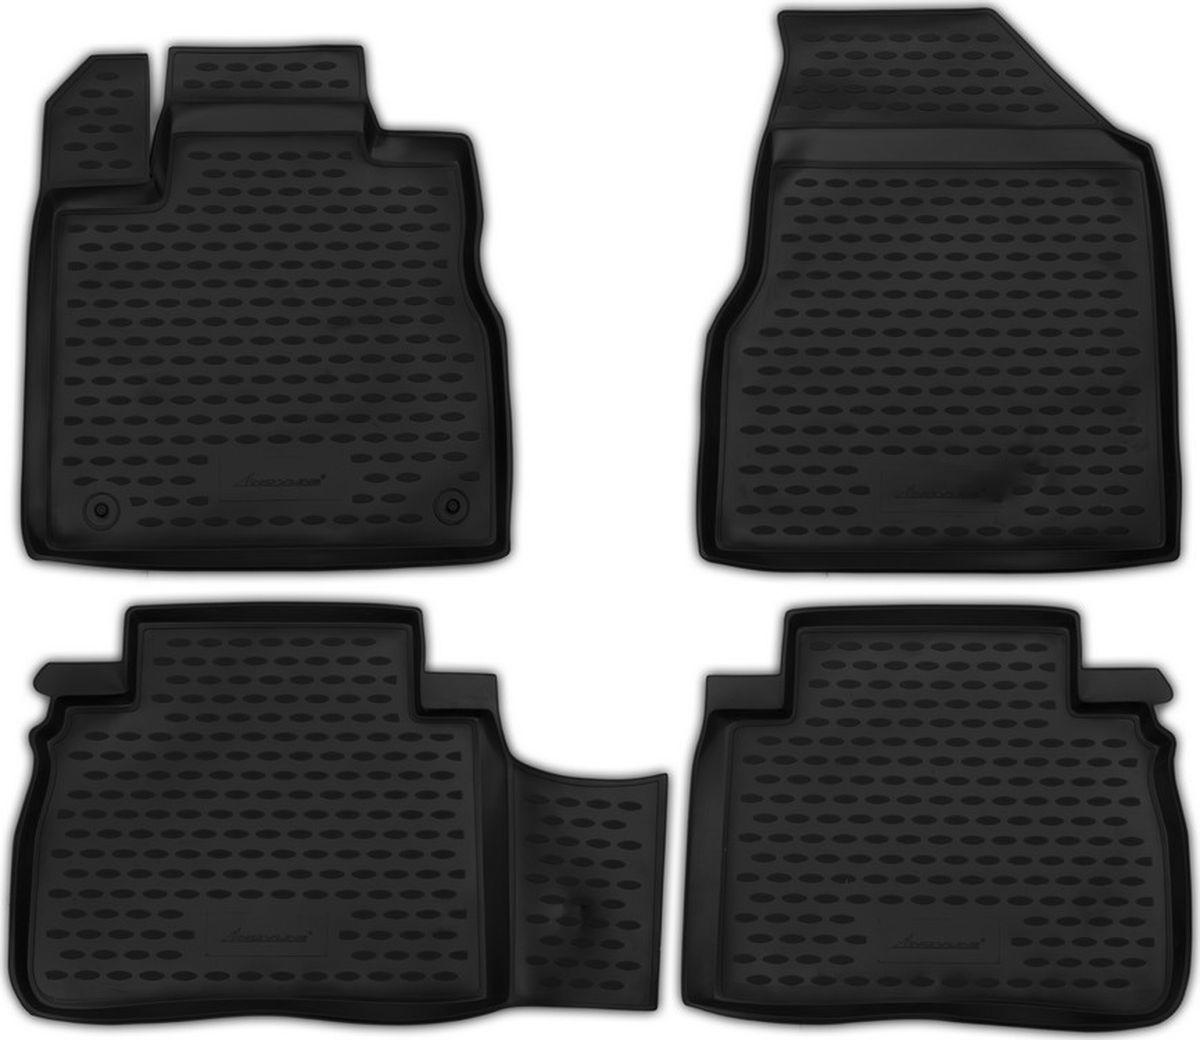 Коврики в салон автомобиля Novline-Autofamily, для Nissan Murano, 2008-2015, полиуретан, 4 штNLC.36.26.210kКачественный продукт, новый полимерный материал, антискользящий рельеф, идеальная форма, гигиенические сертификаты. Надежные коврики для вашего автомобиля.